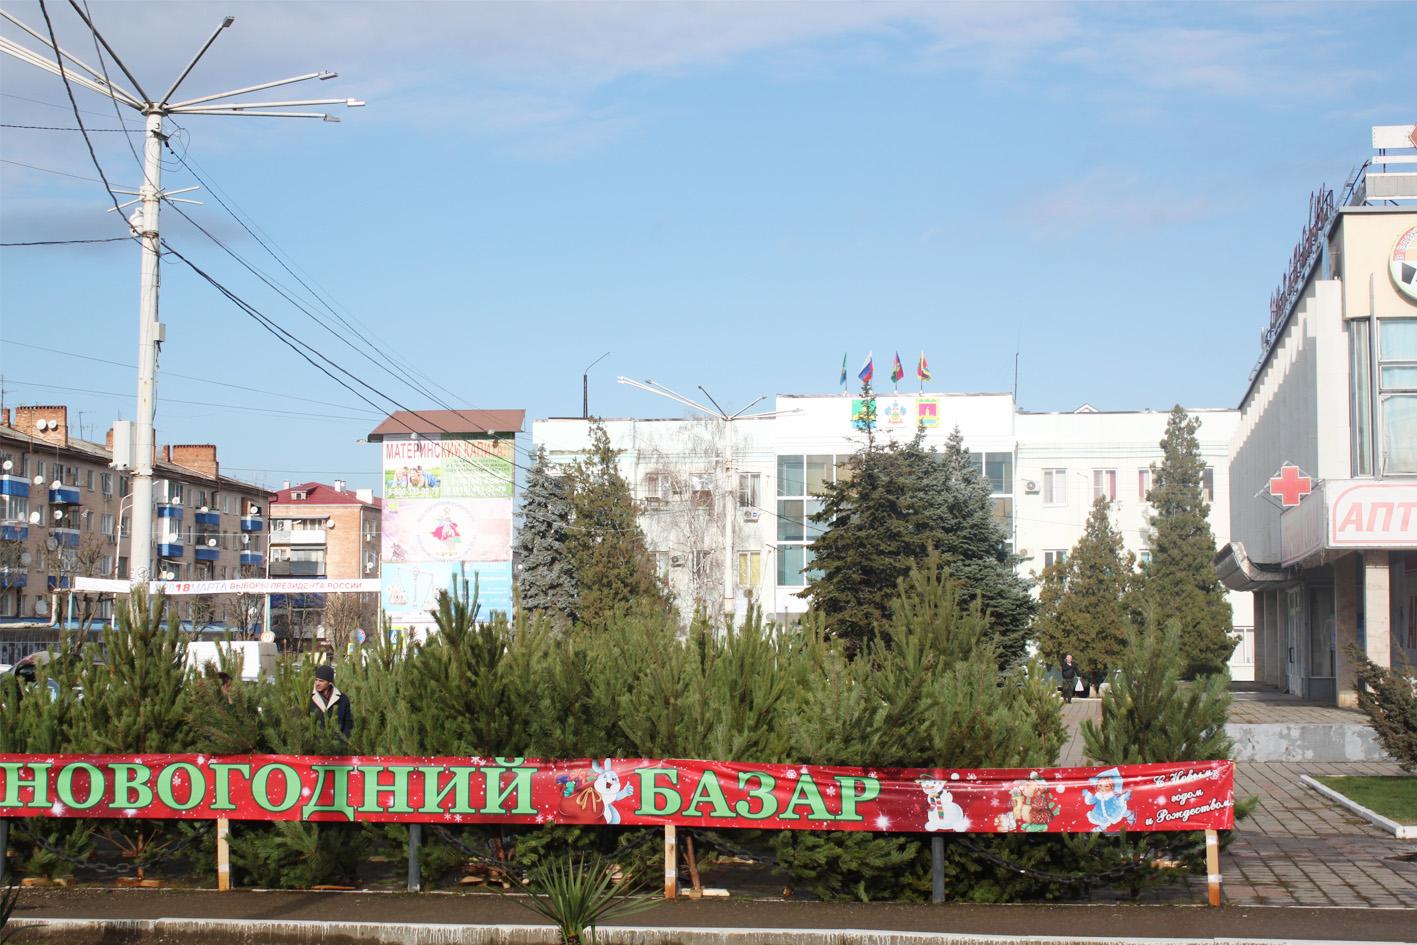 В городе Абинске идет санкционированная торговля на елочных базарах